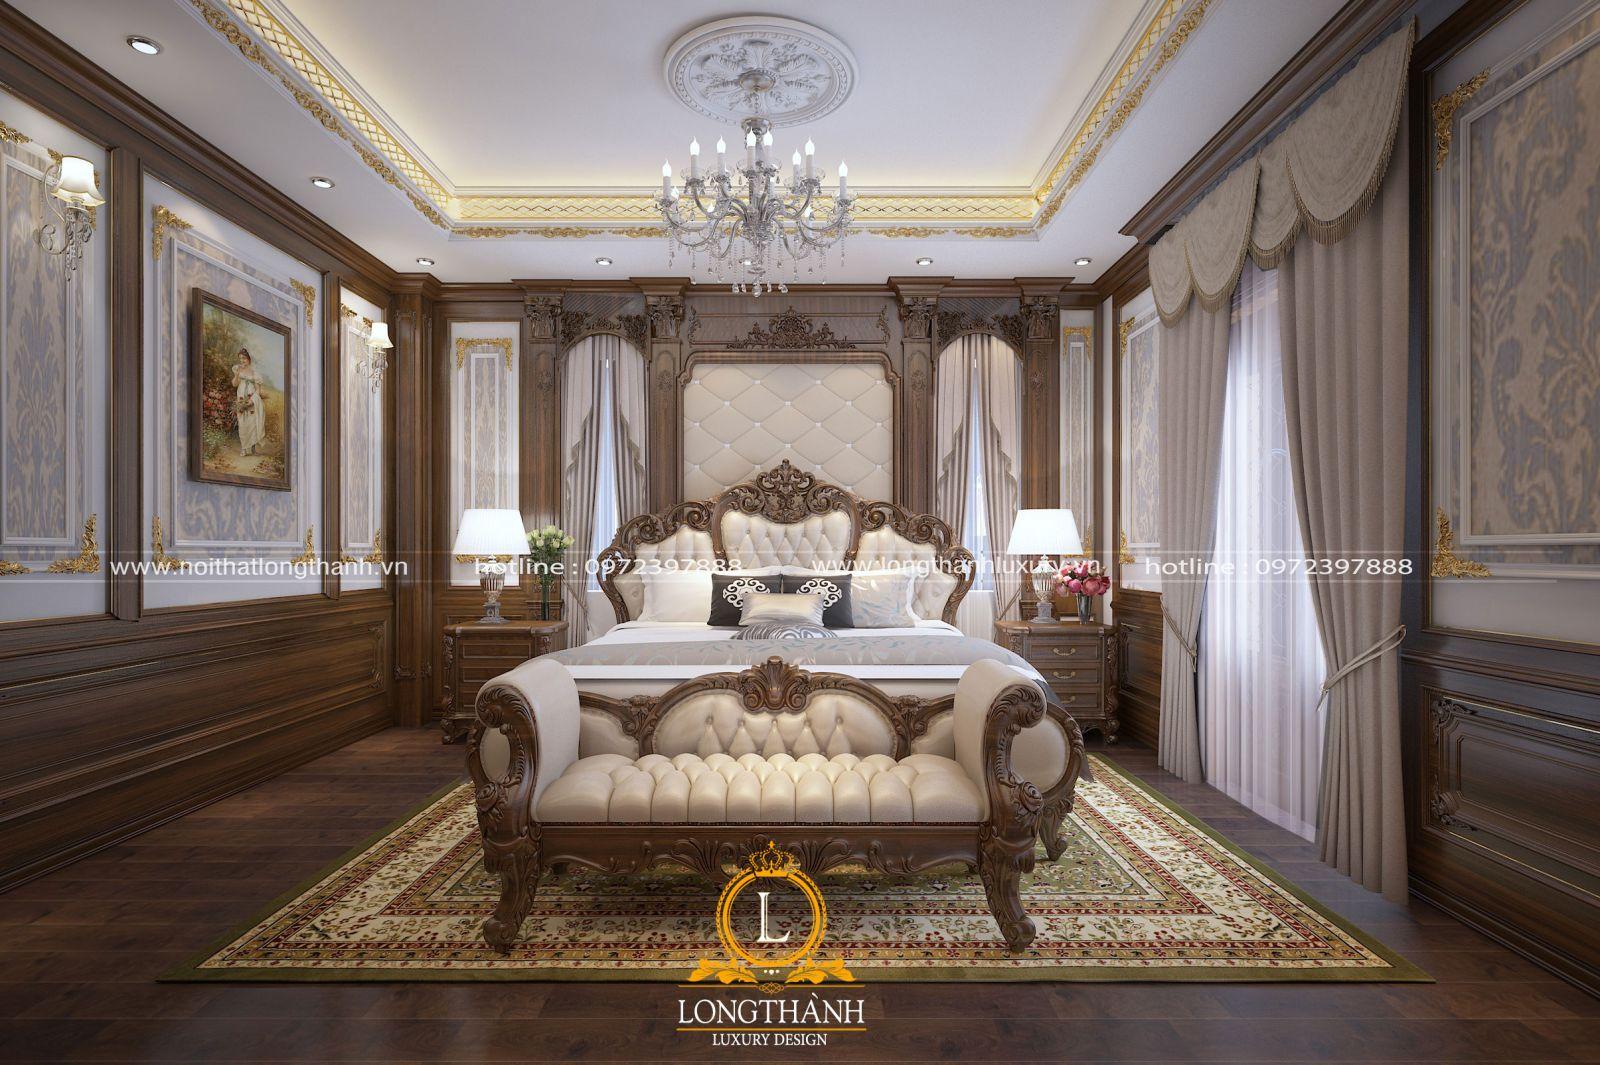 Giường ngủ tân cổ điển gỗ gụ